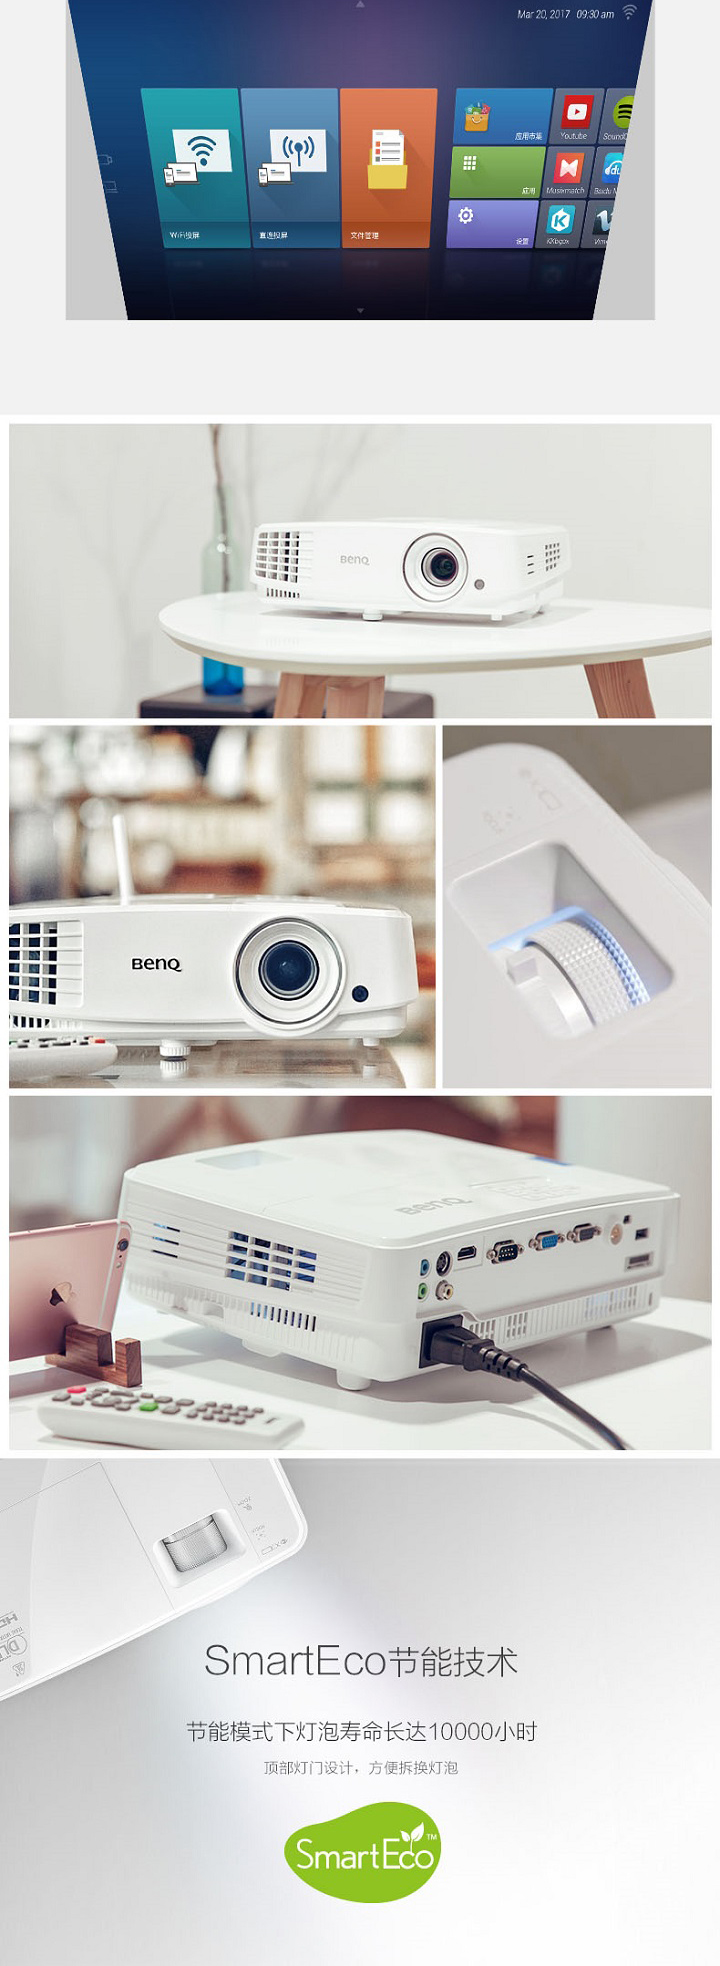 明基智能商务投影机E500免费试用,评测